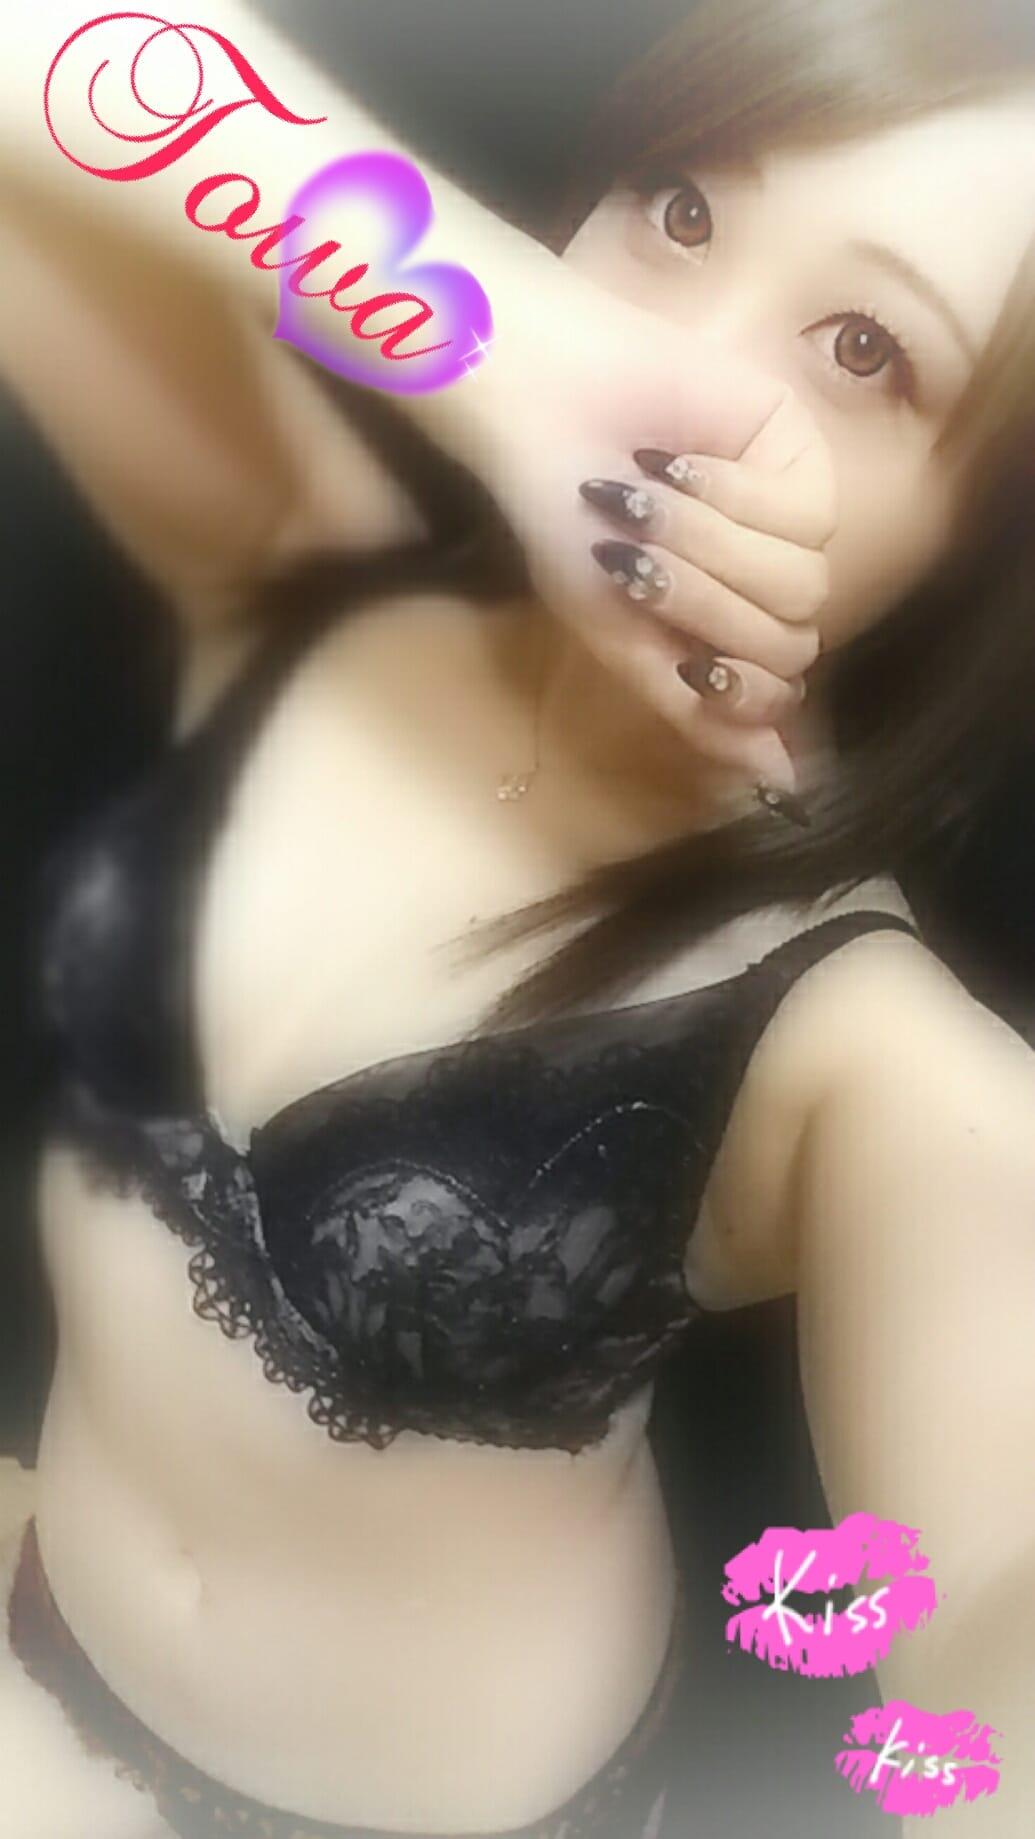 「カラーズの本指名様♡」01/18(01/18) 07:29   トワの写メ・風俗動画